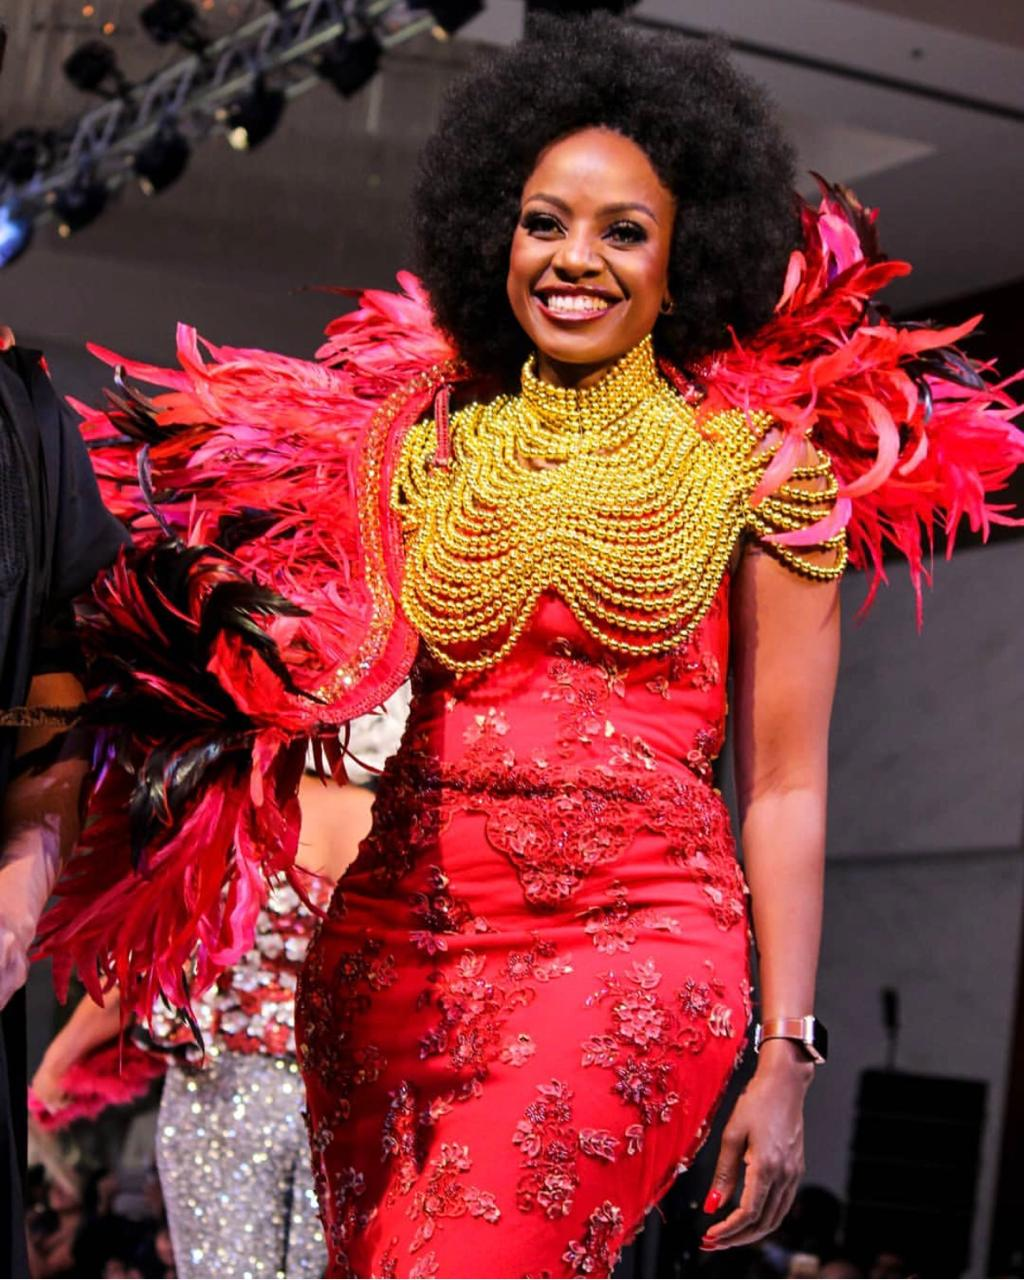 Makosi Musambasi on the runway